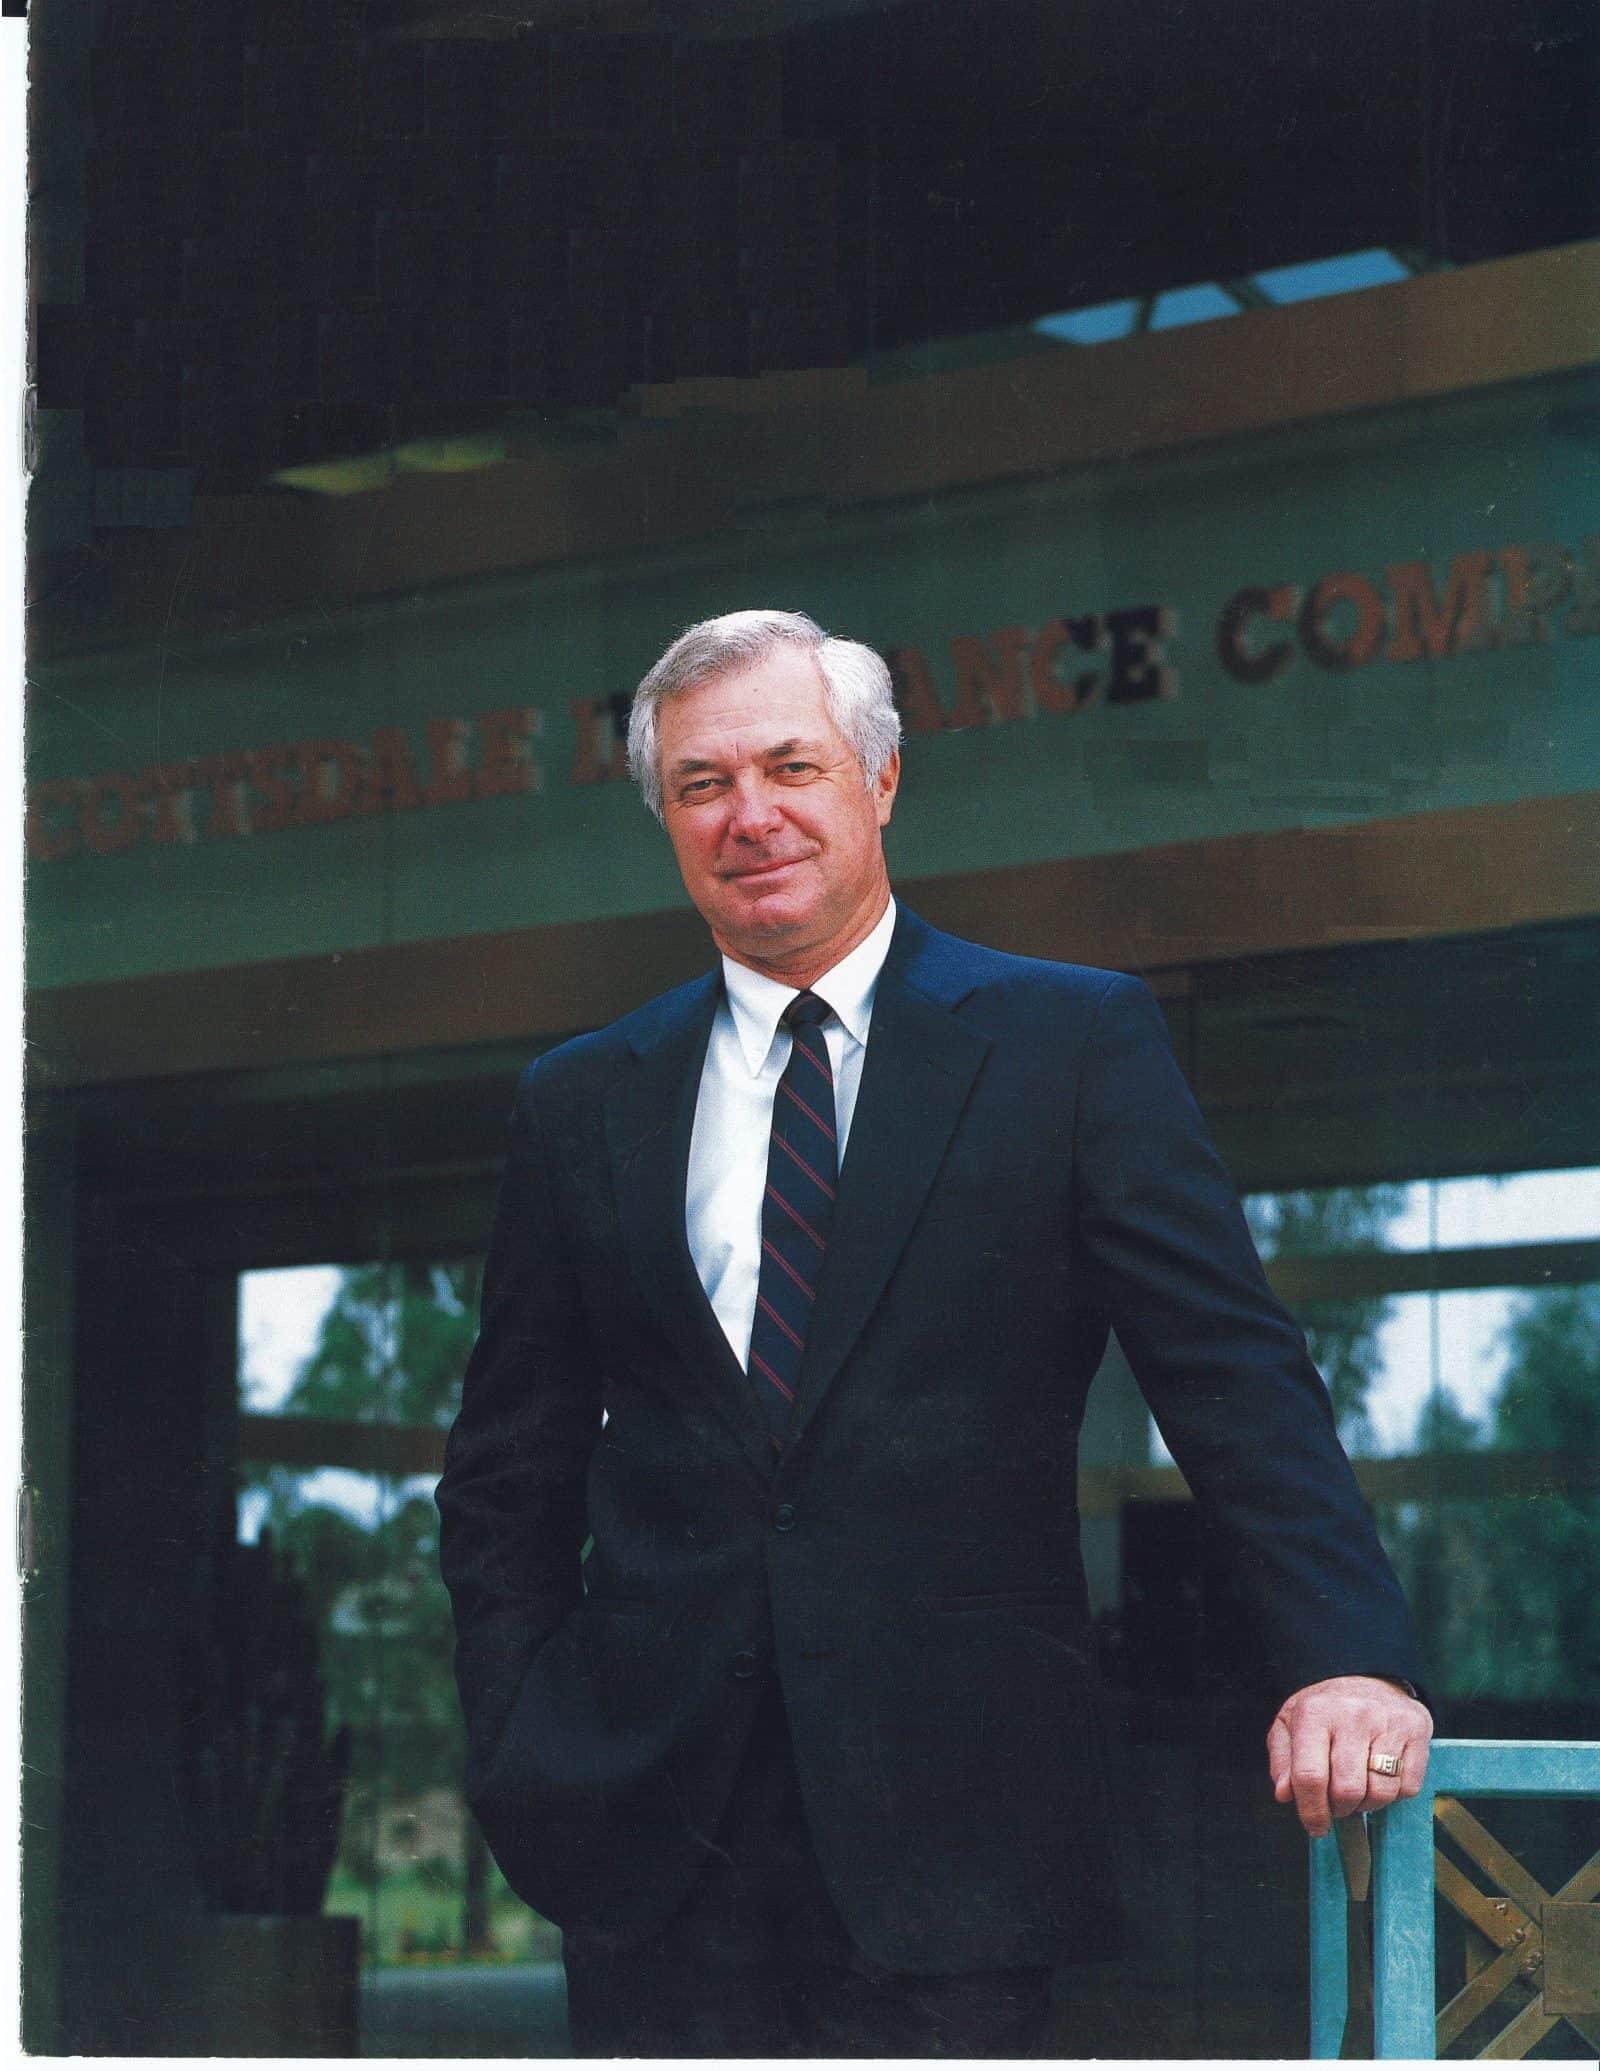 Rollie Wiegers